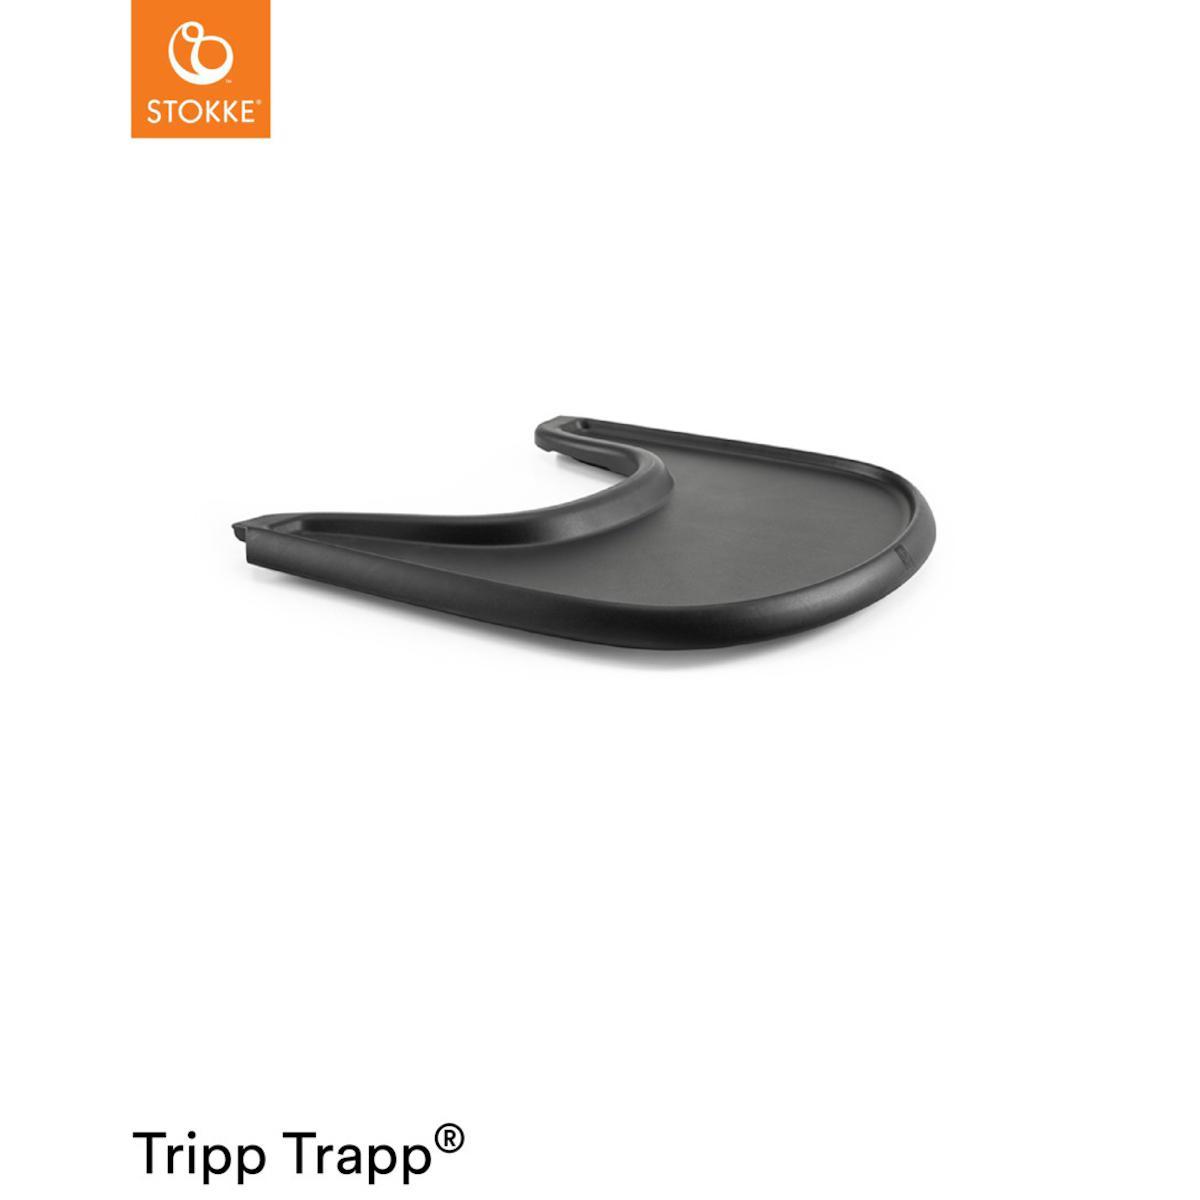 Tableta trona TRAY Stokke negro